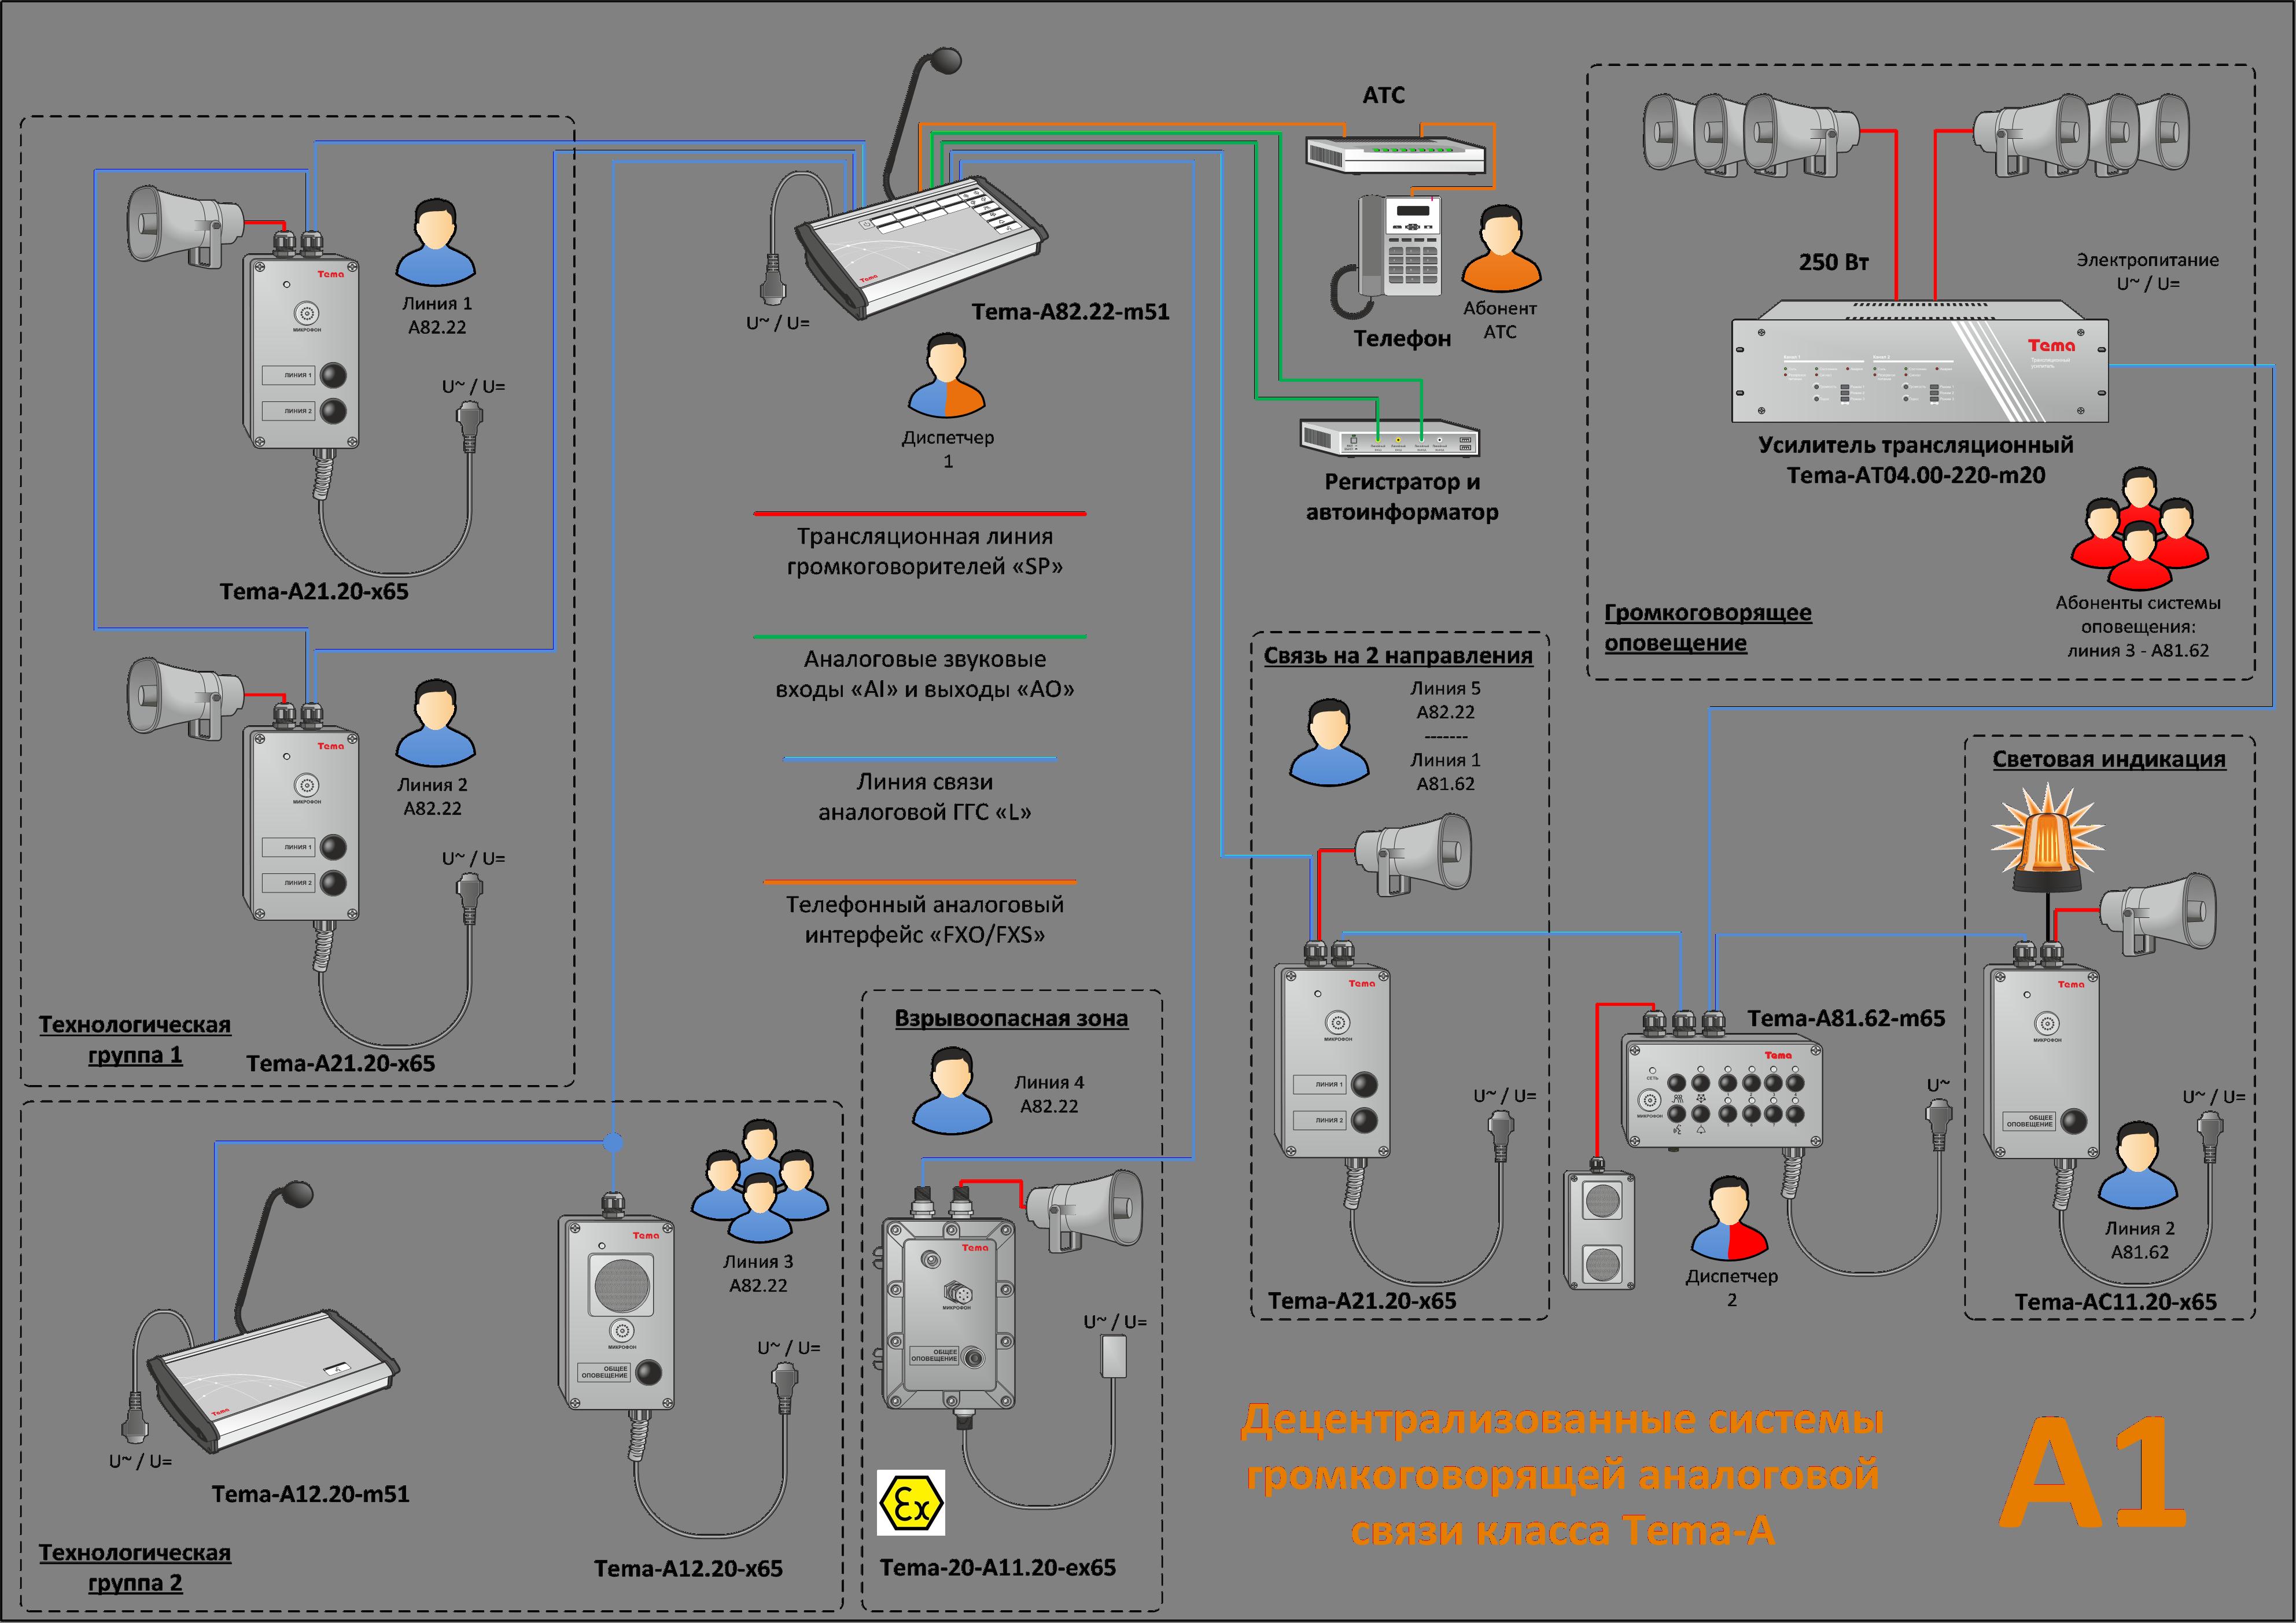 Статья A1: Децентрализованные аналоговые системы громкоговорящей связи